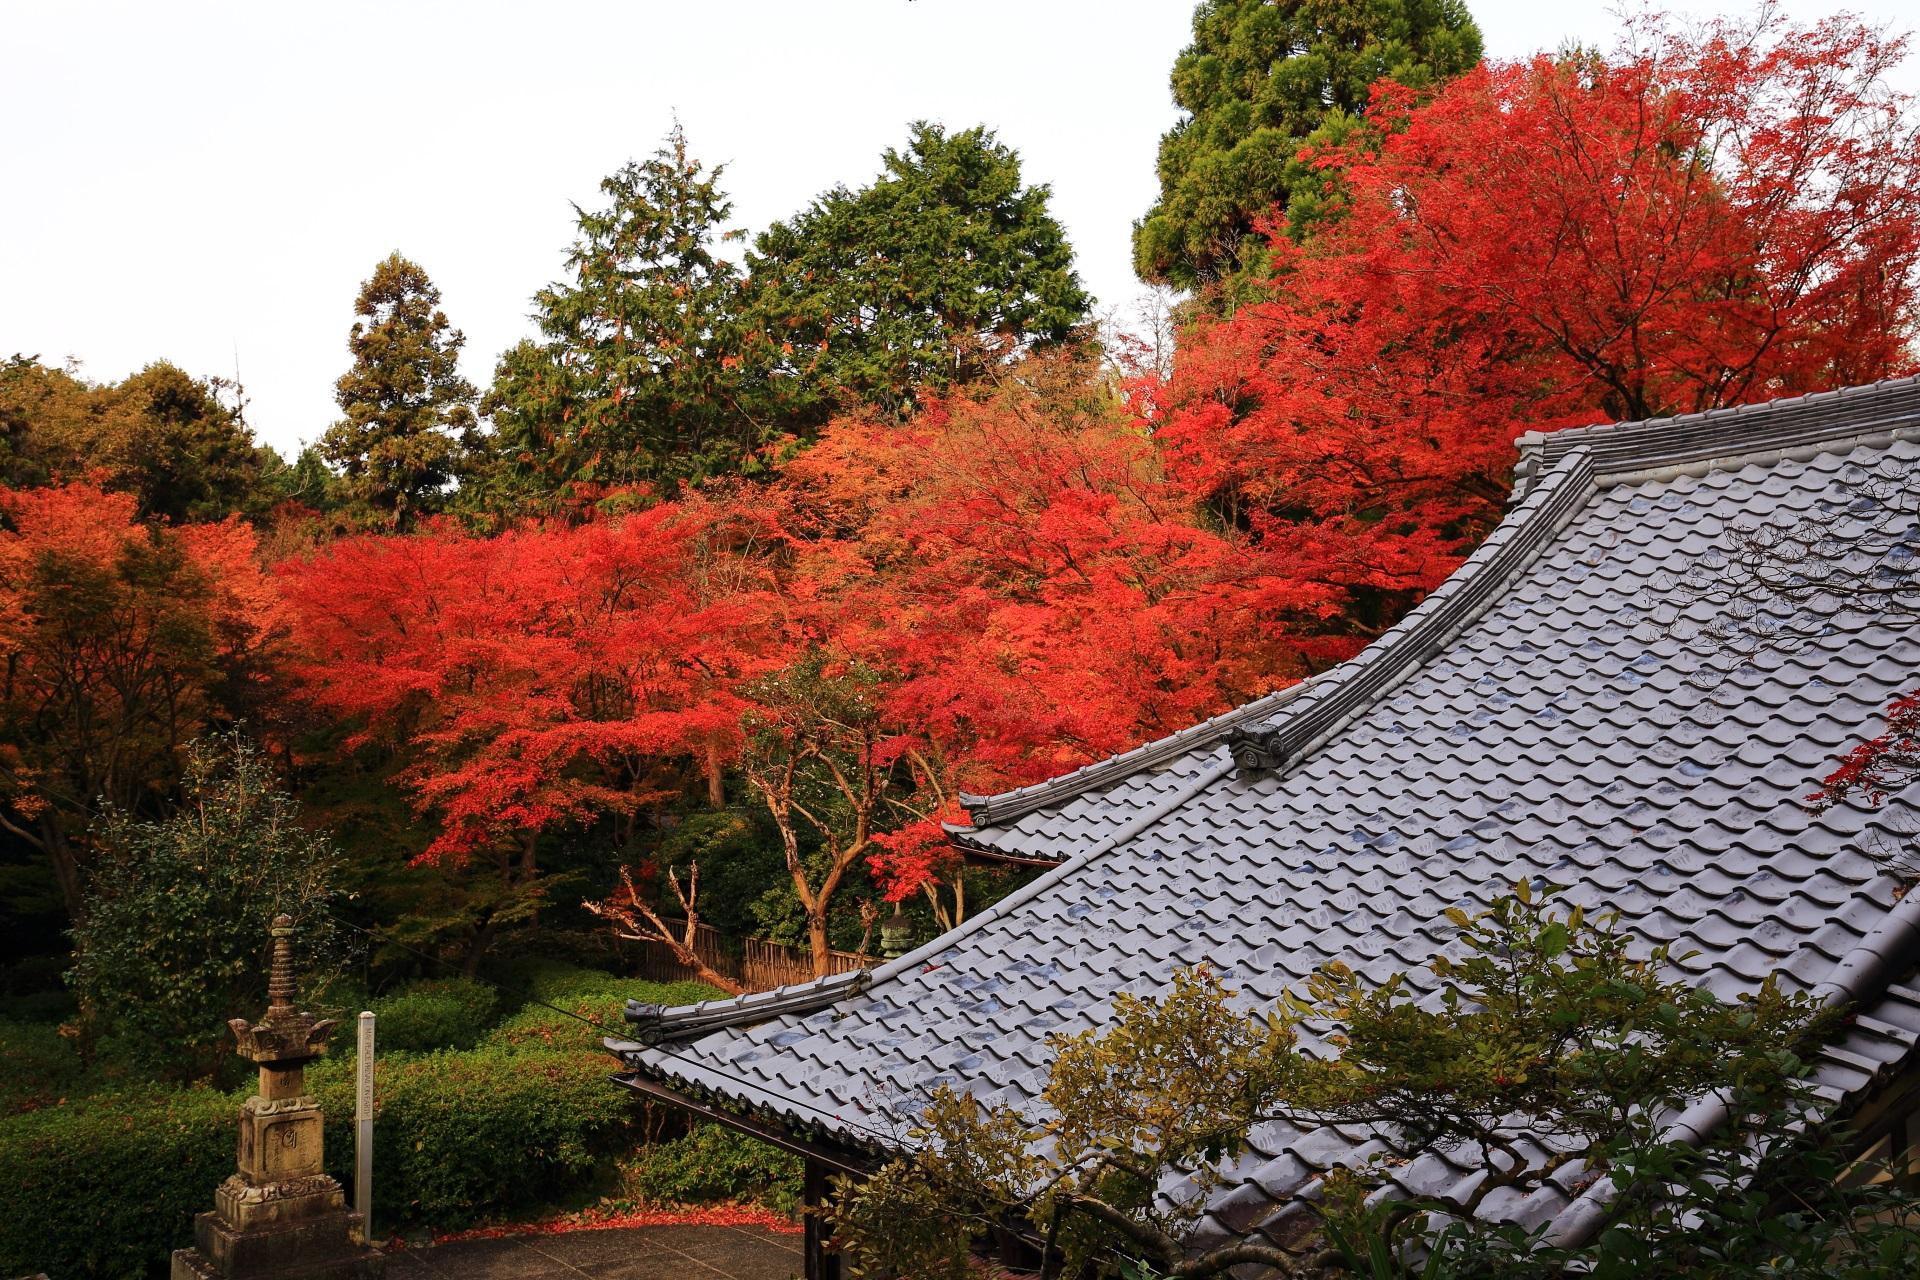 来迎院の静かな境内と本堂を彩る圧巻の紅葉